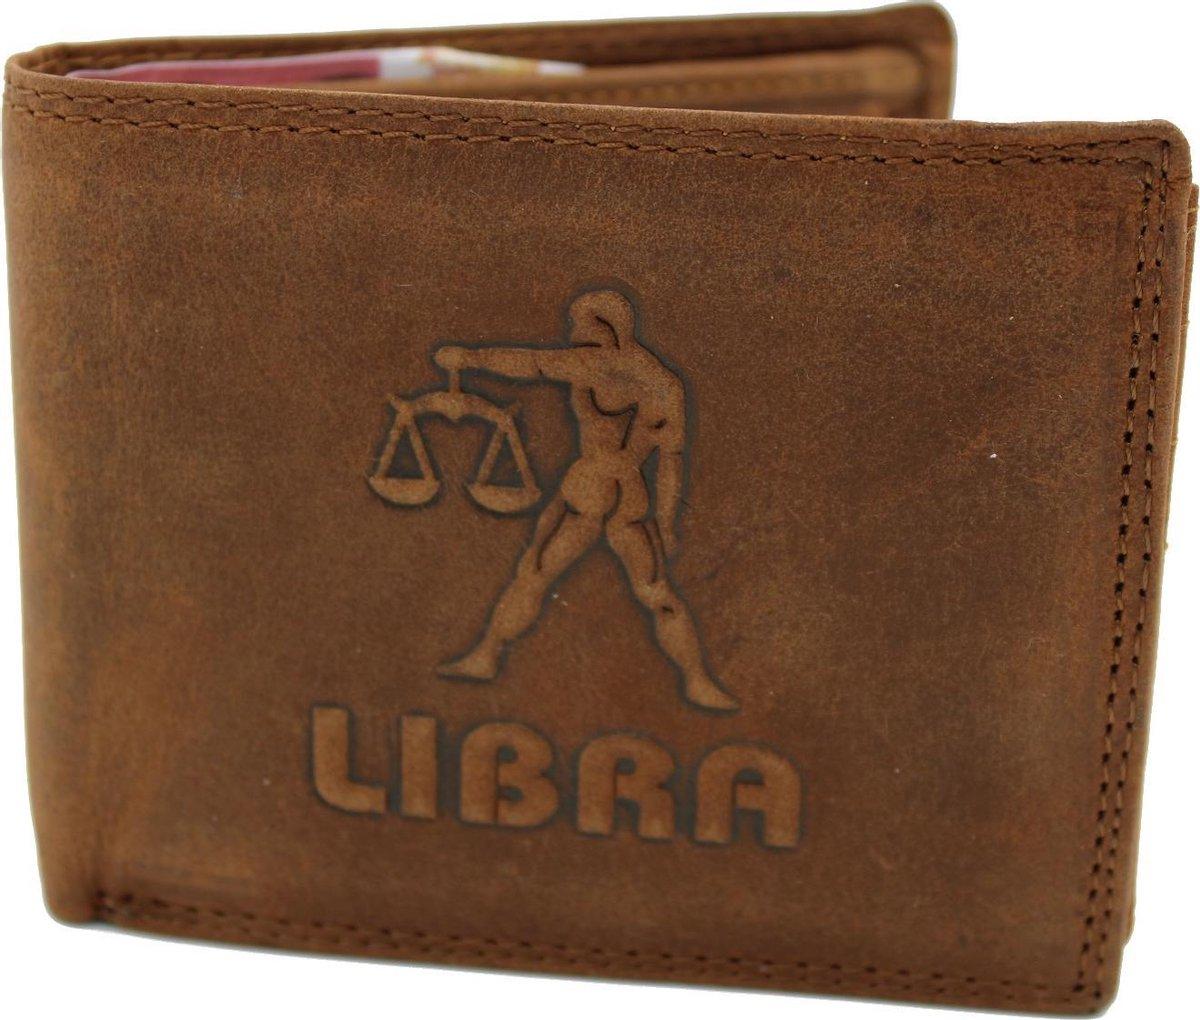 Nuba Leather - Lederen Heren Portemonnee - Anti Skim - Weegschaal logo - Libra - Cognac / Bruin